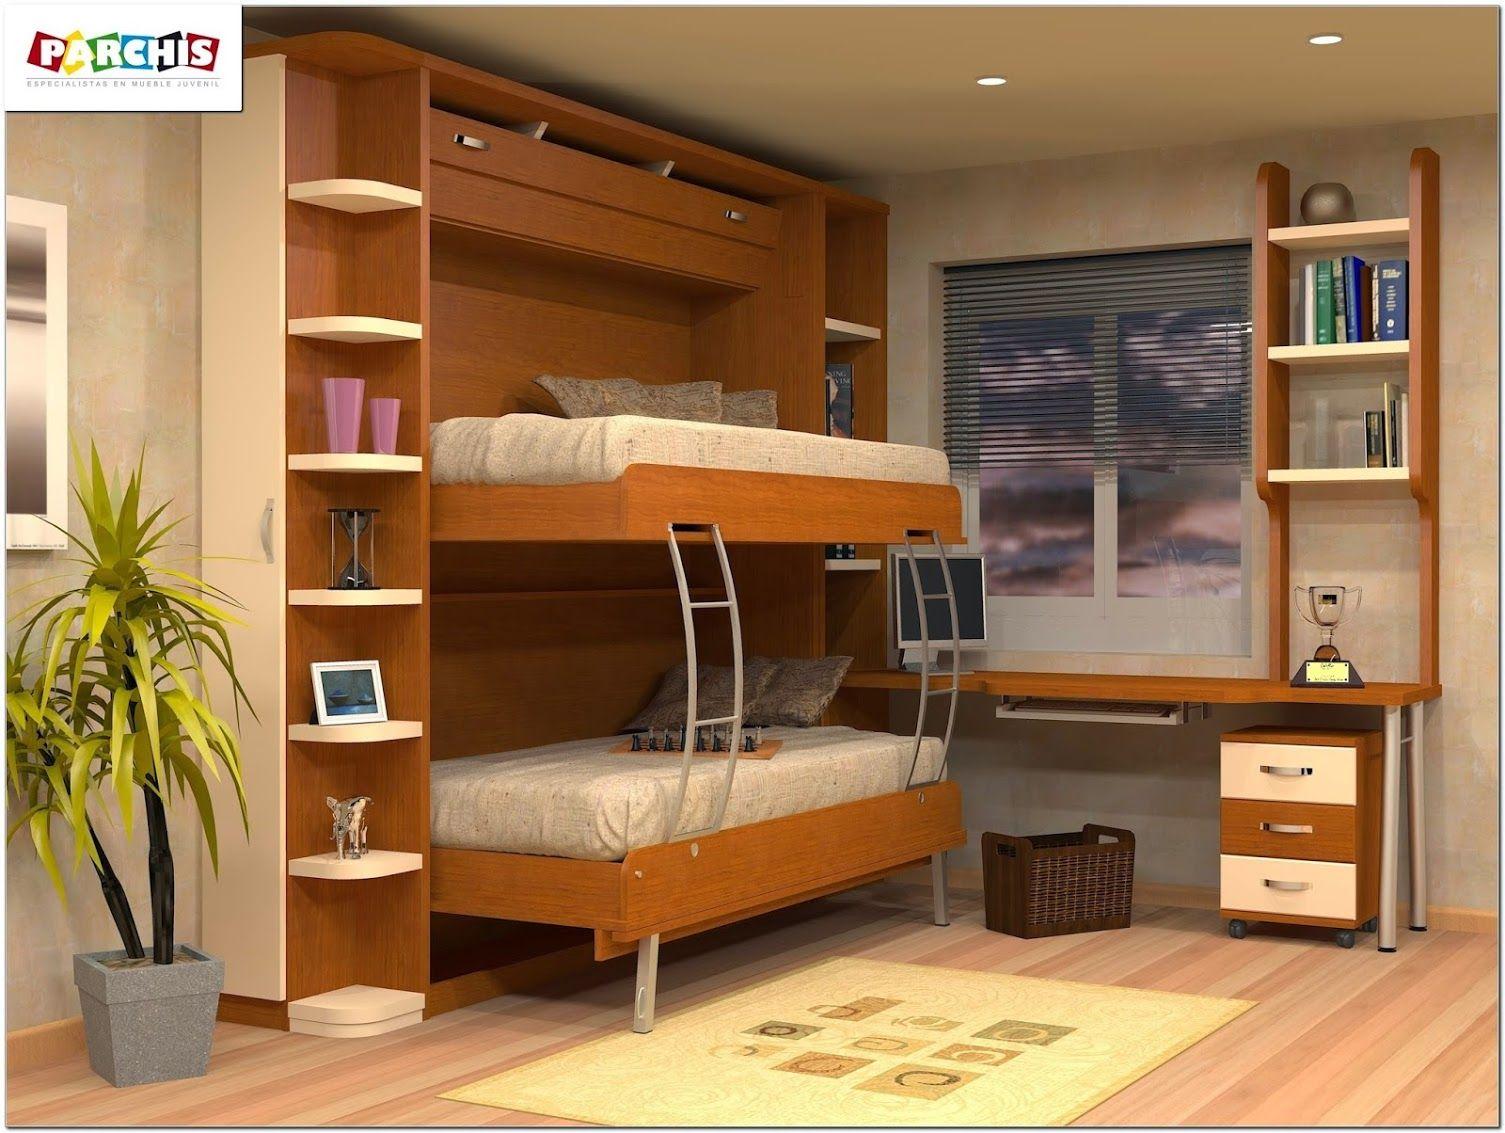 Muebles parchis madrid y torrijos camas abatibles - Muebles literas abatibles ...